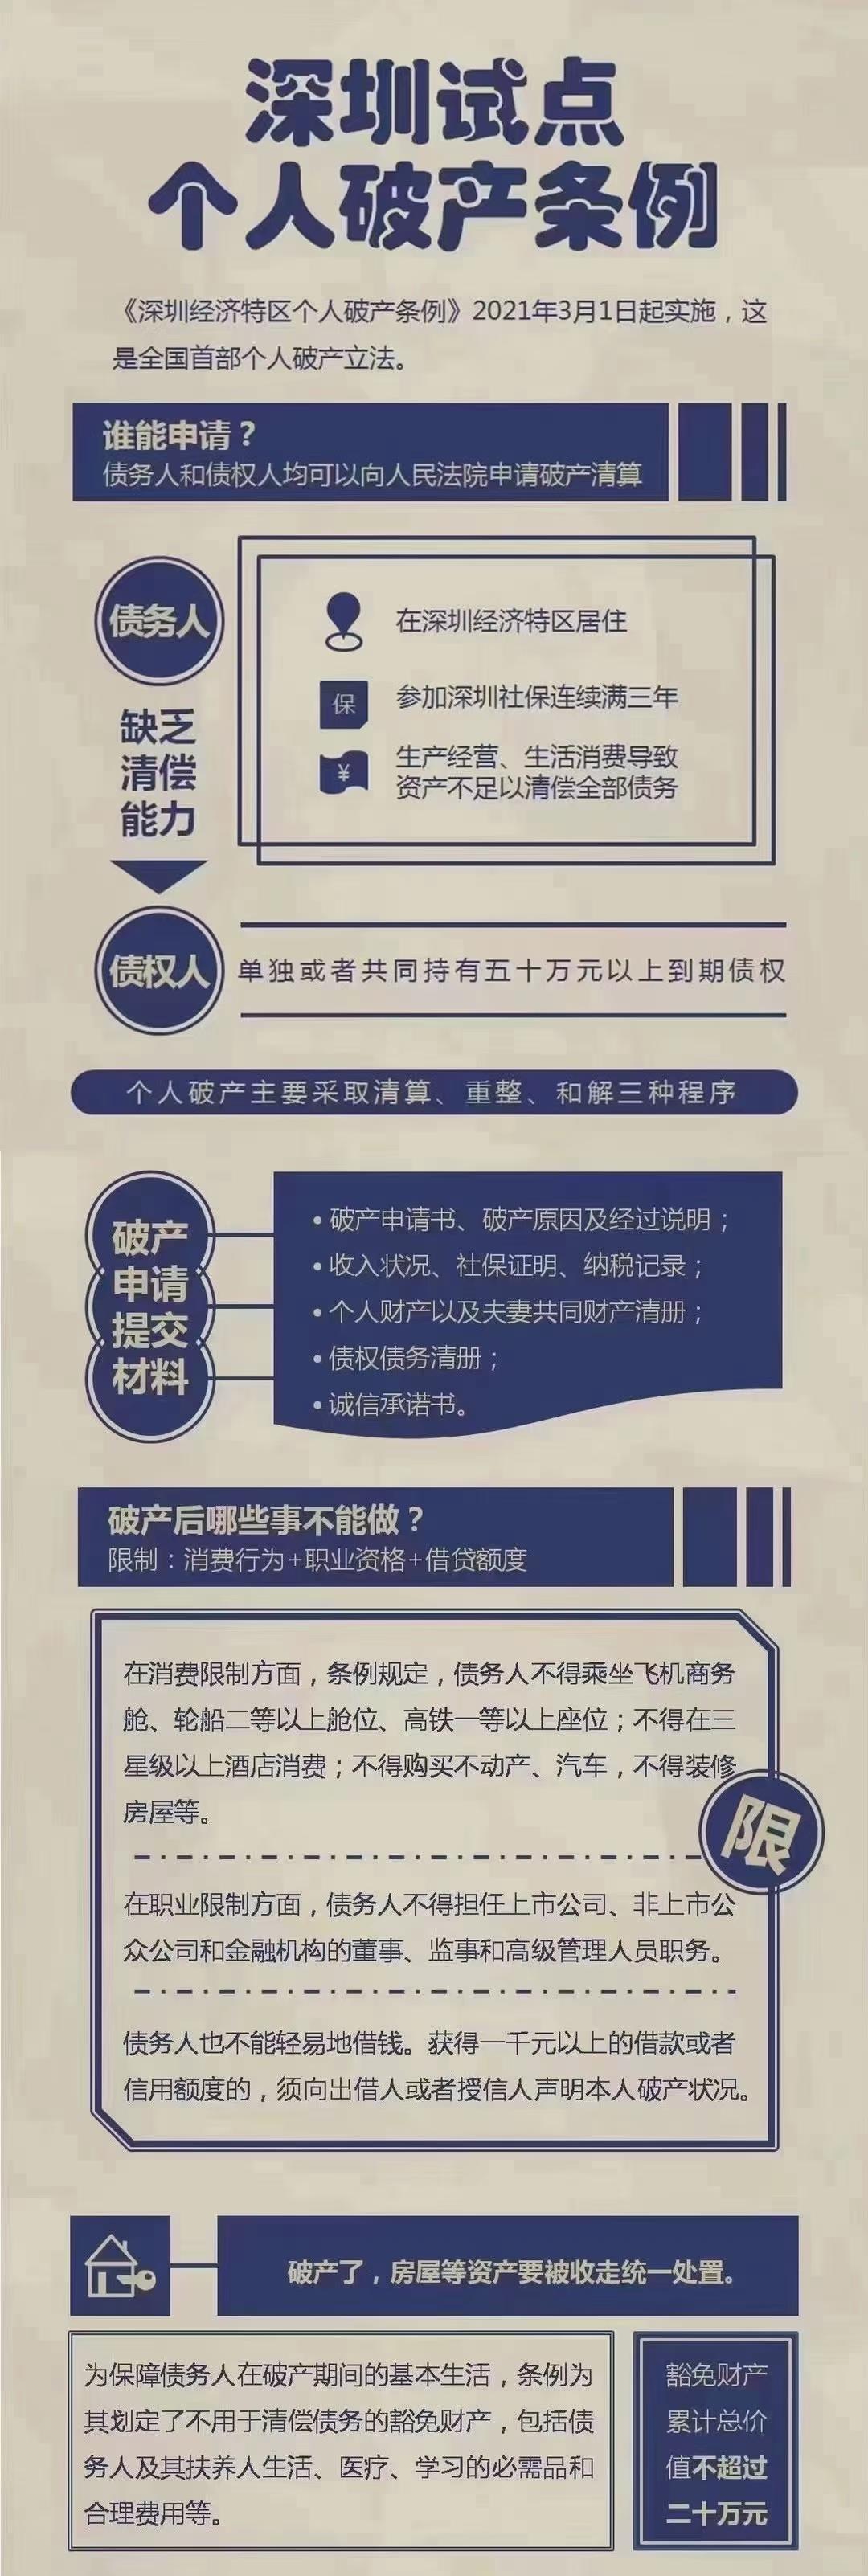 《深圳经济特区个人破产条例》2021年3月1日起实施